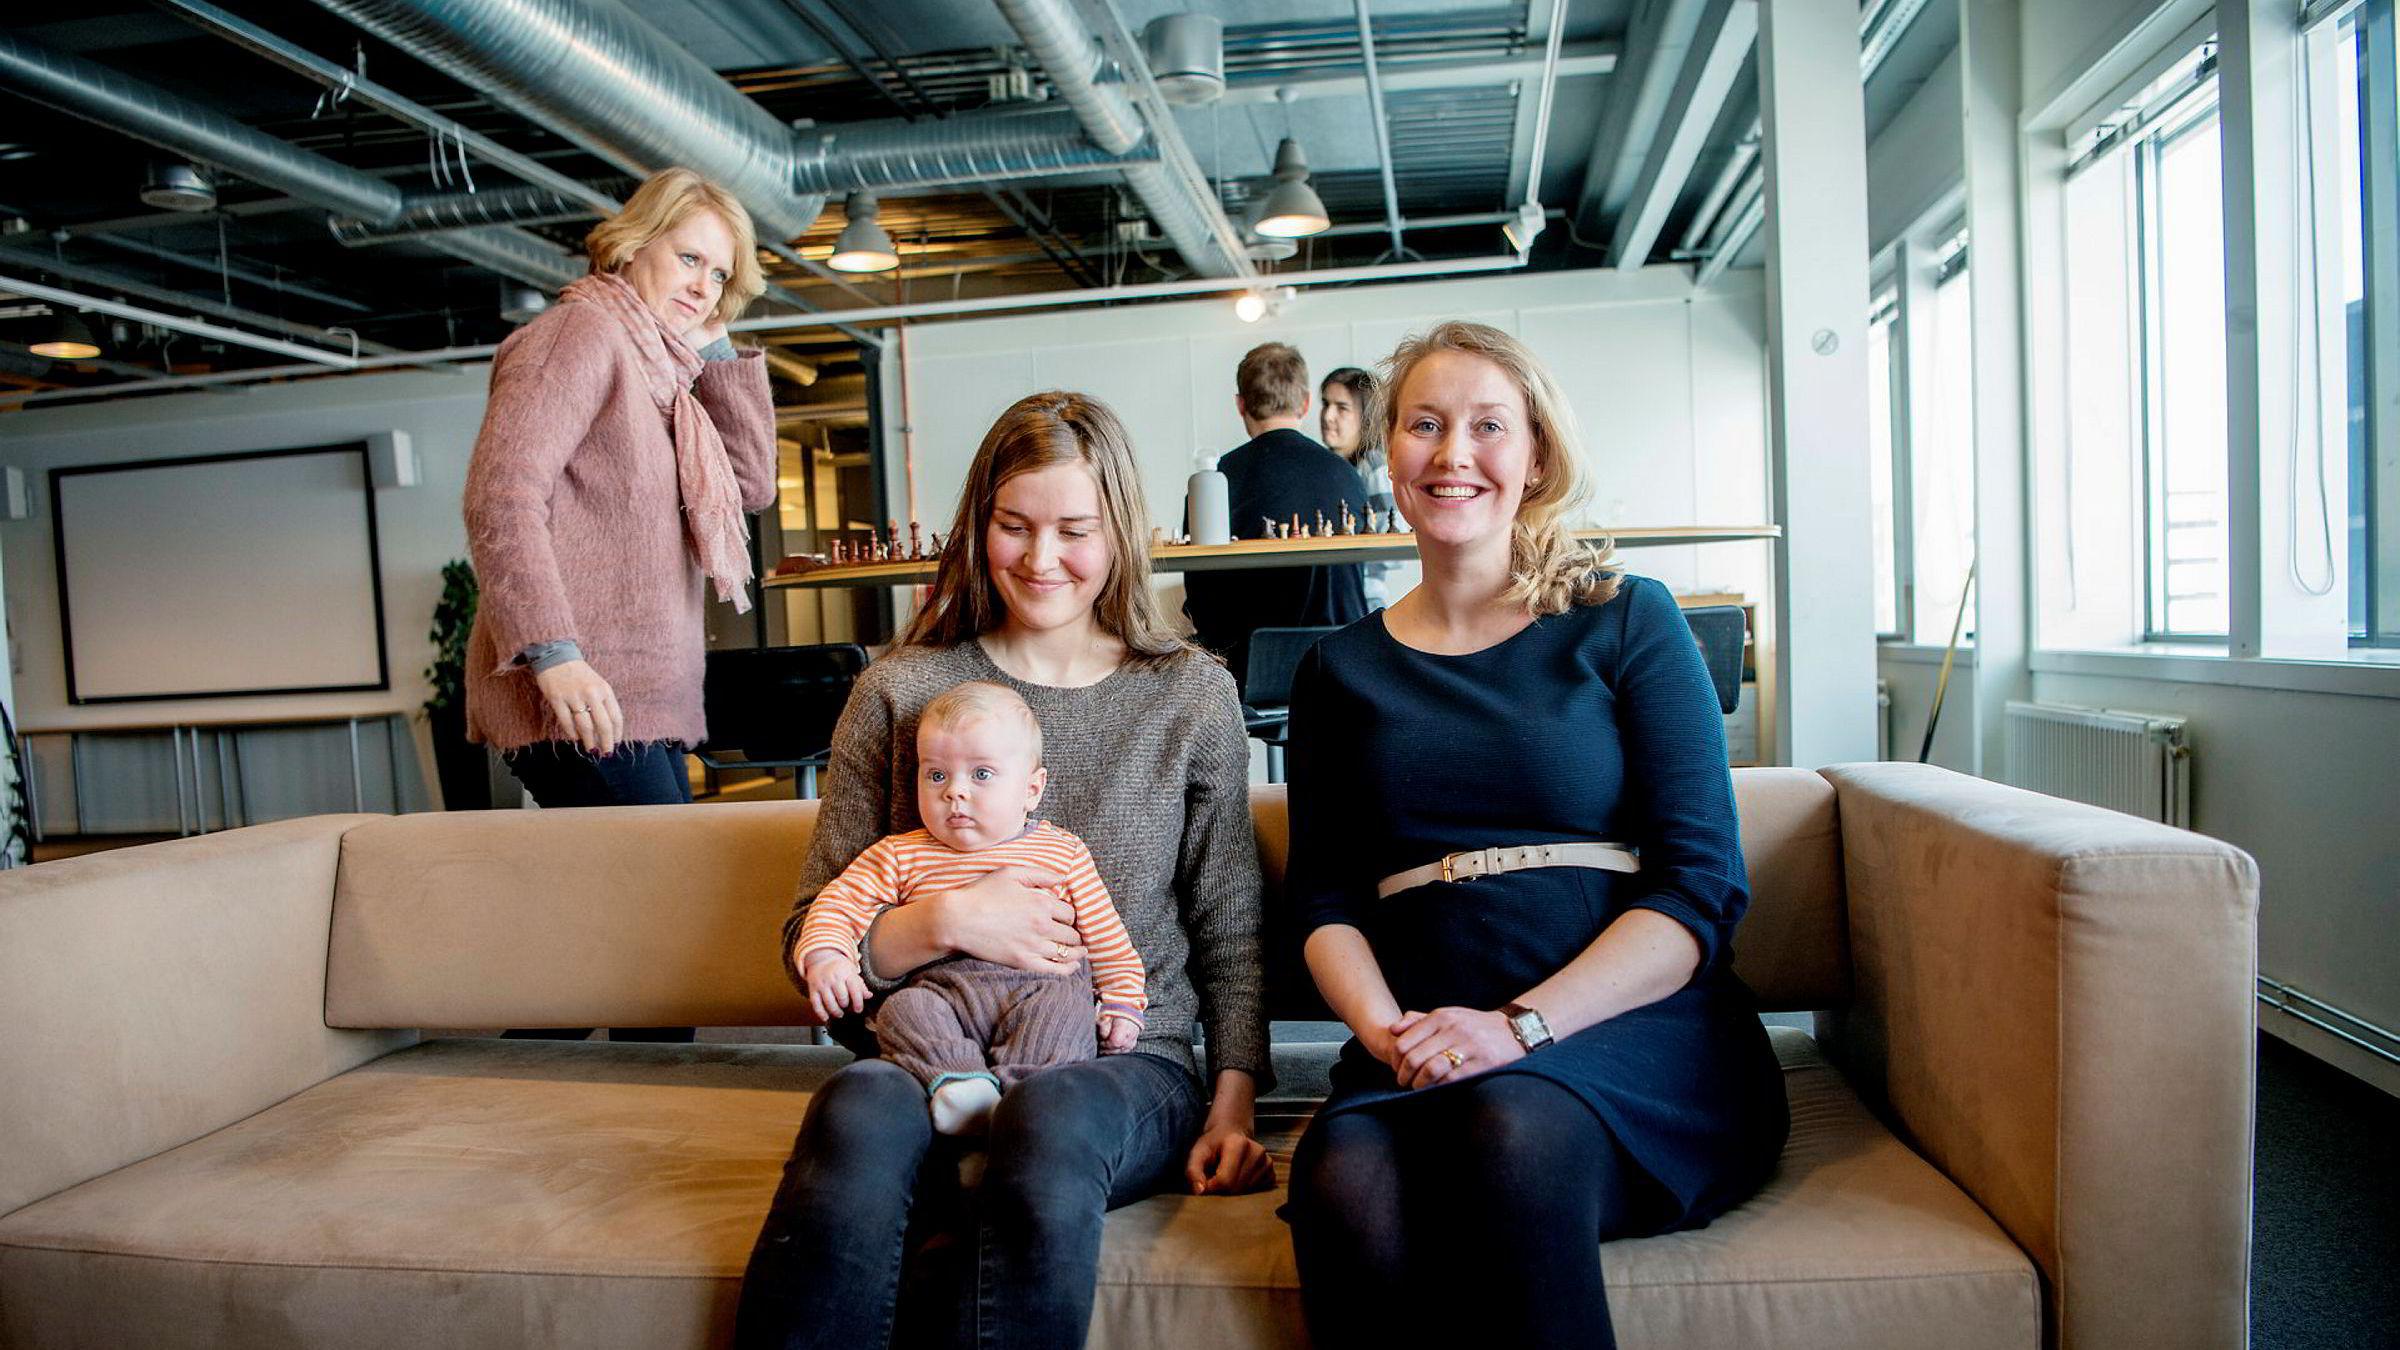 Sigrid Møyner Hohle (30) er innom jobben i Simula på Fornebu sammen med sønnen Edvard på fem måneder, og blir servert en god nyhet. Nå venter både ekstra bonus og tid til å gjøre ferdig doktorgraden. Marie Rognes (35) venter barn nummer to i mai. Sjefen deres, Marianne Aasen (bak), vil at de ansatte skal vite at hun mener det er positivt at de får barn.